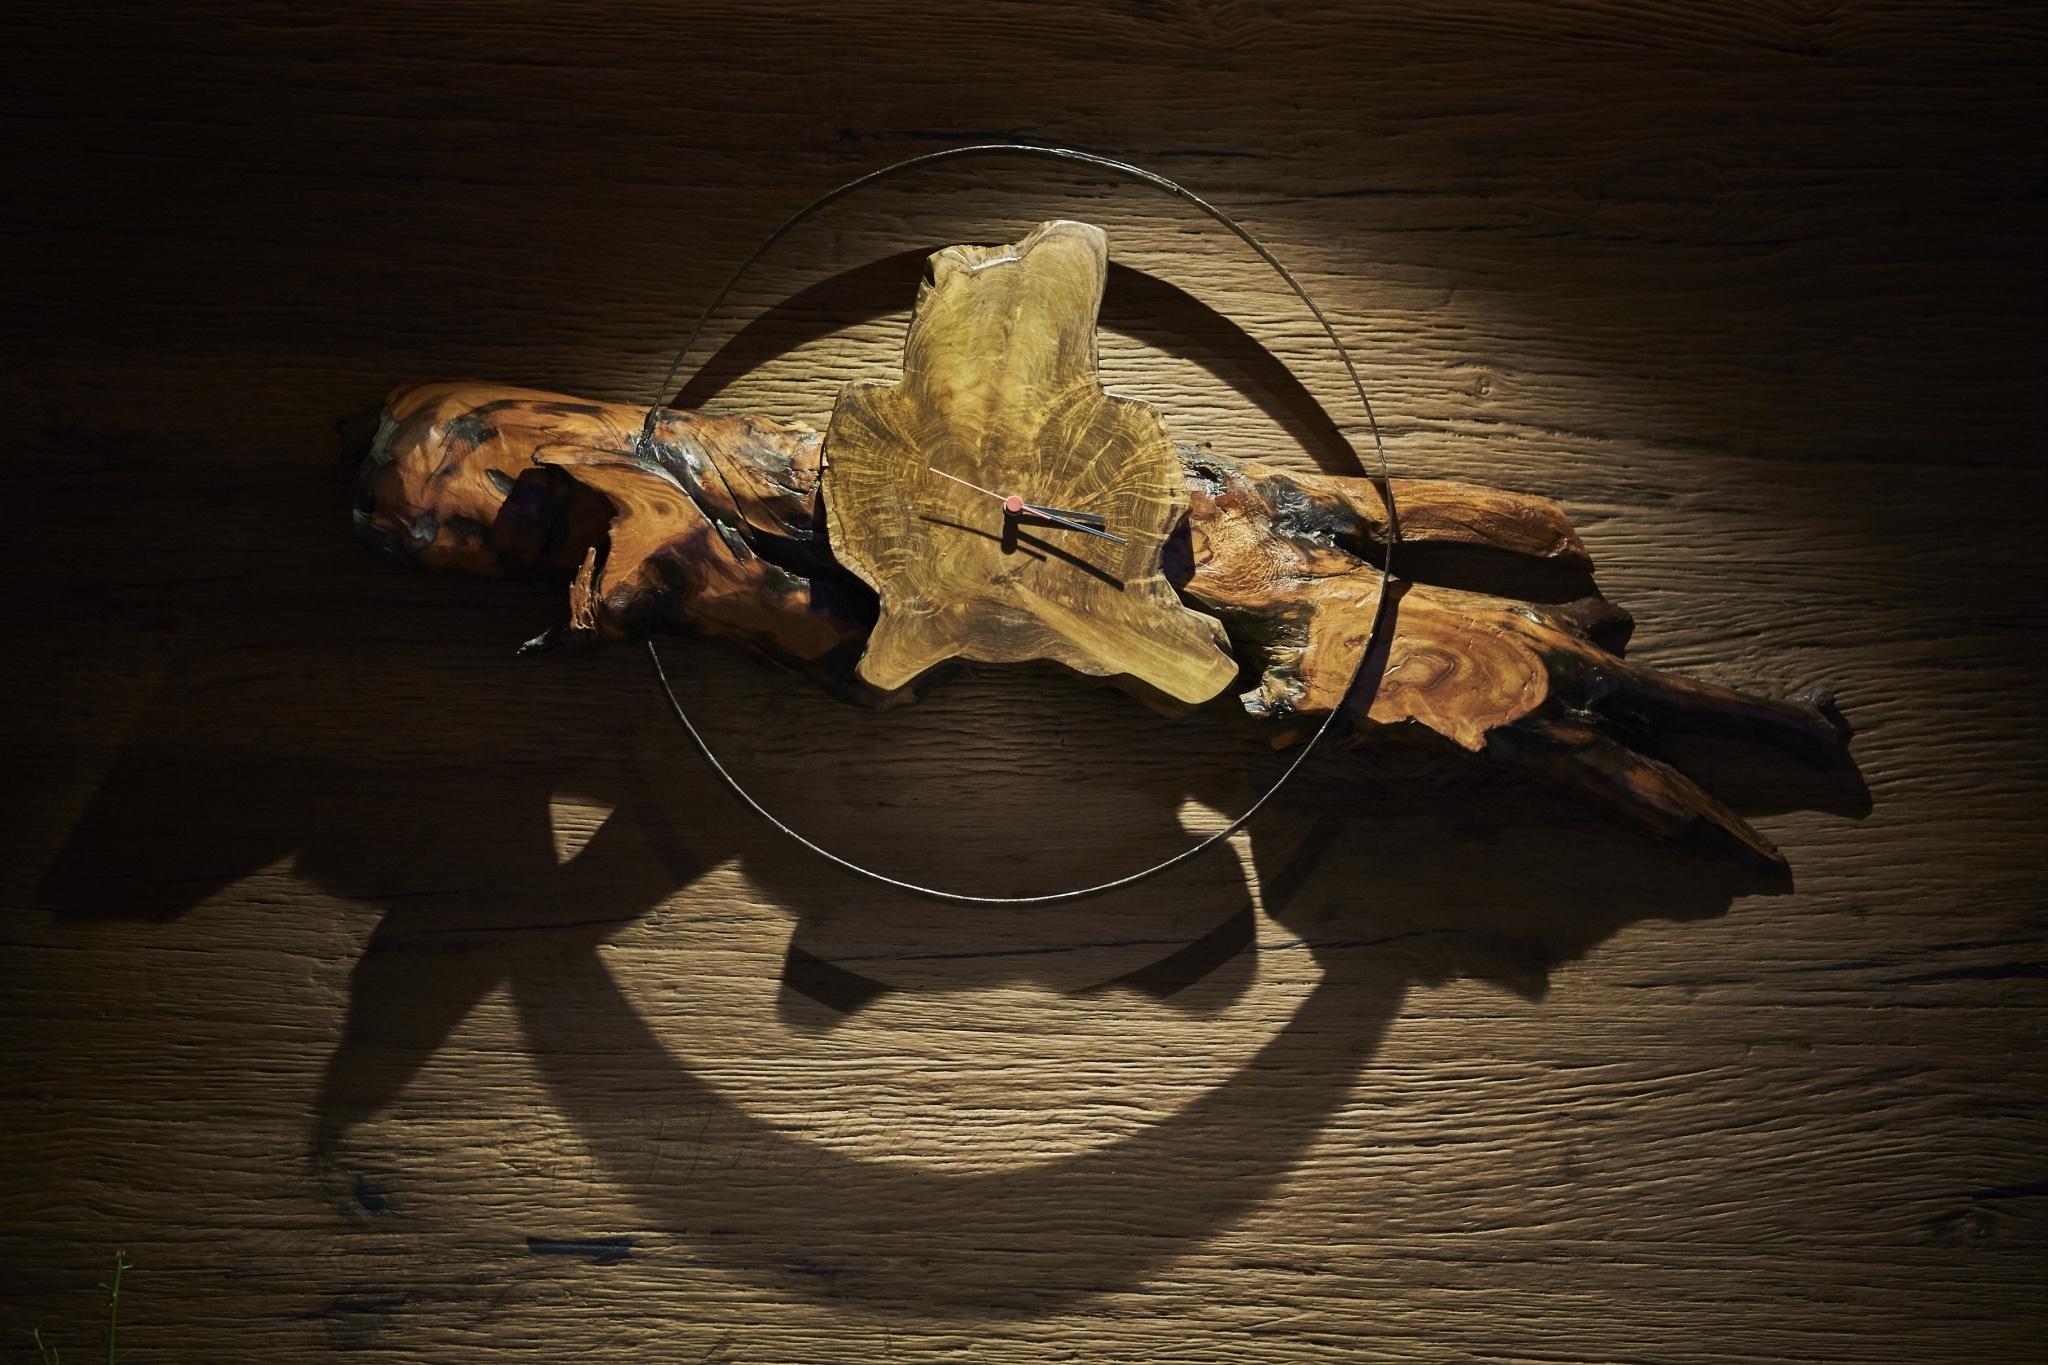 Eine Uhr welche aus Holz besteht